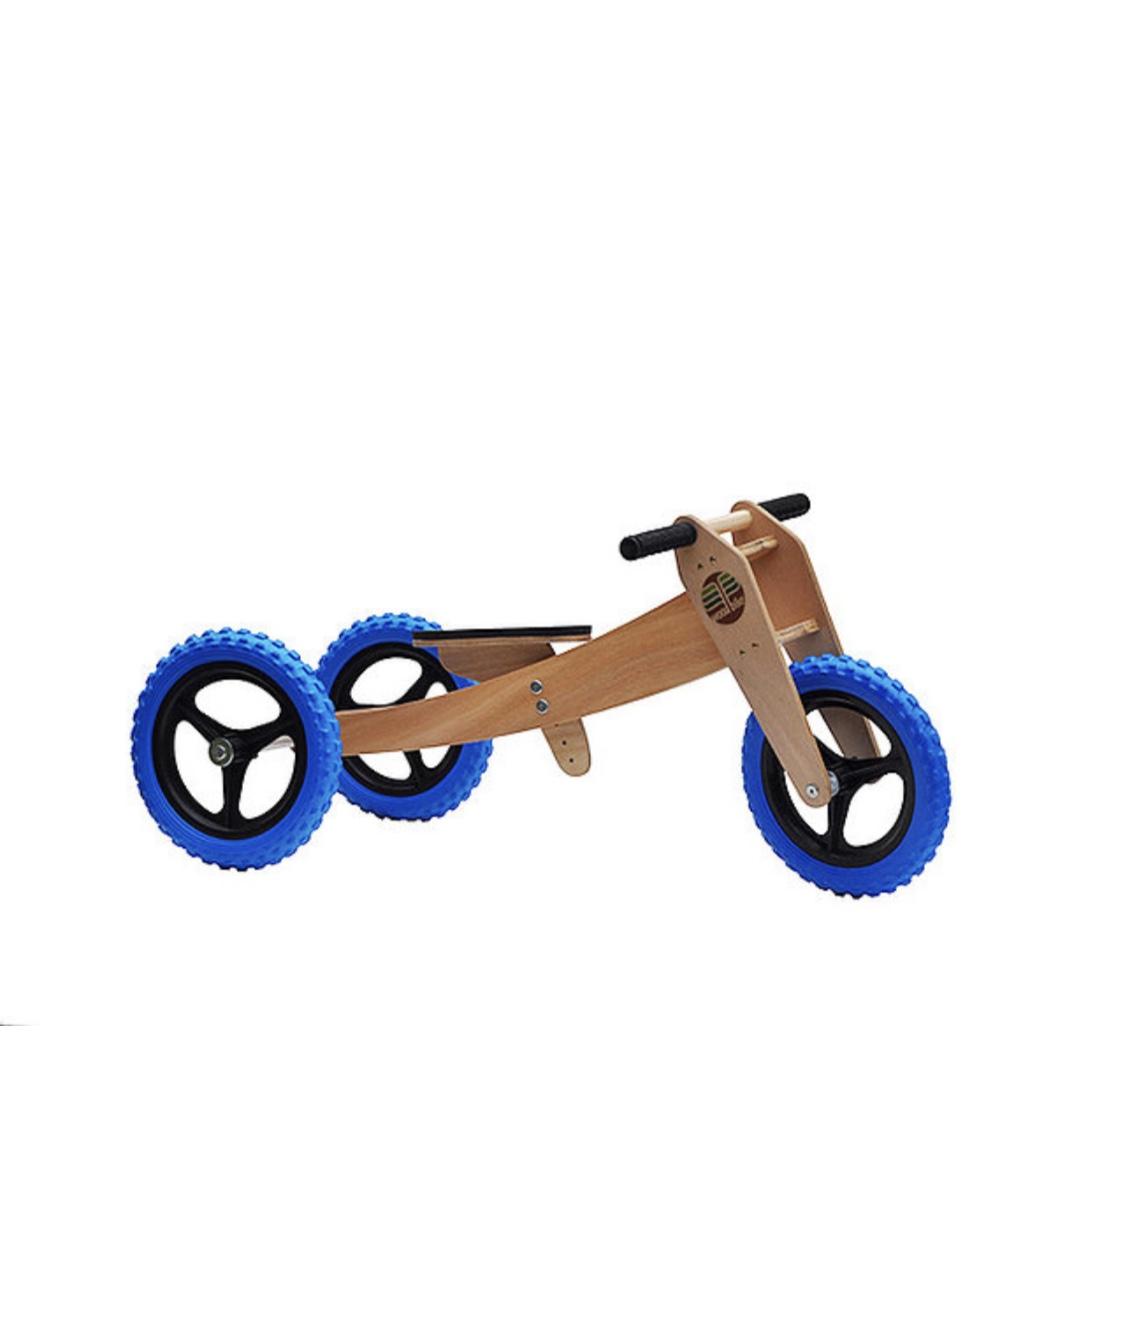 Bicicleta de Madeira 3-em-1 Azul - Woodbike